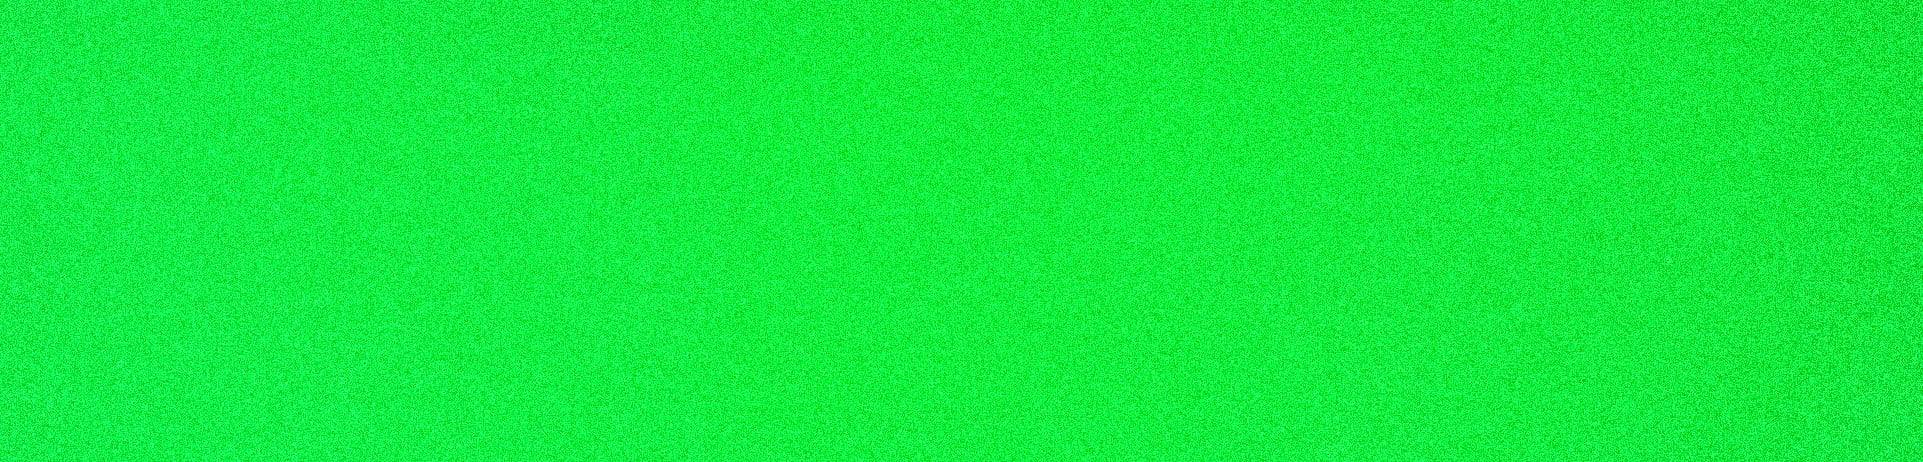 10X48in LONGBOARD SKATEBOARD GRIPTAPE Neon Green Pro Grip Tape by Black Diamond by